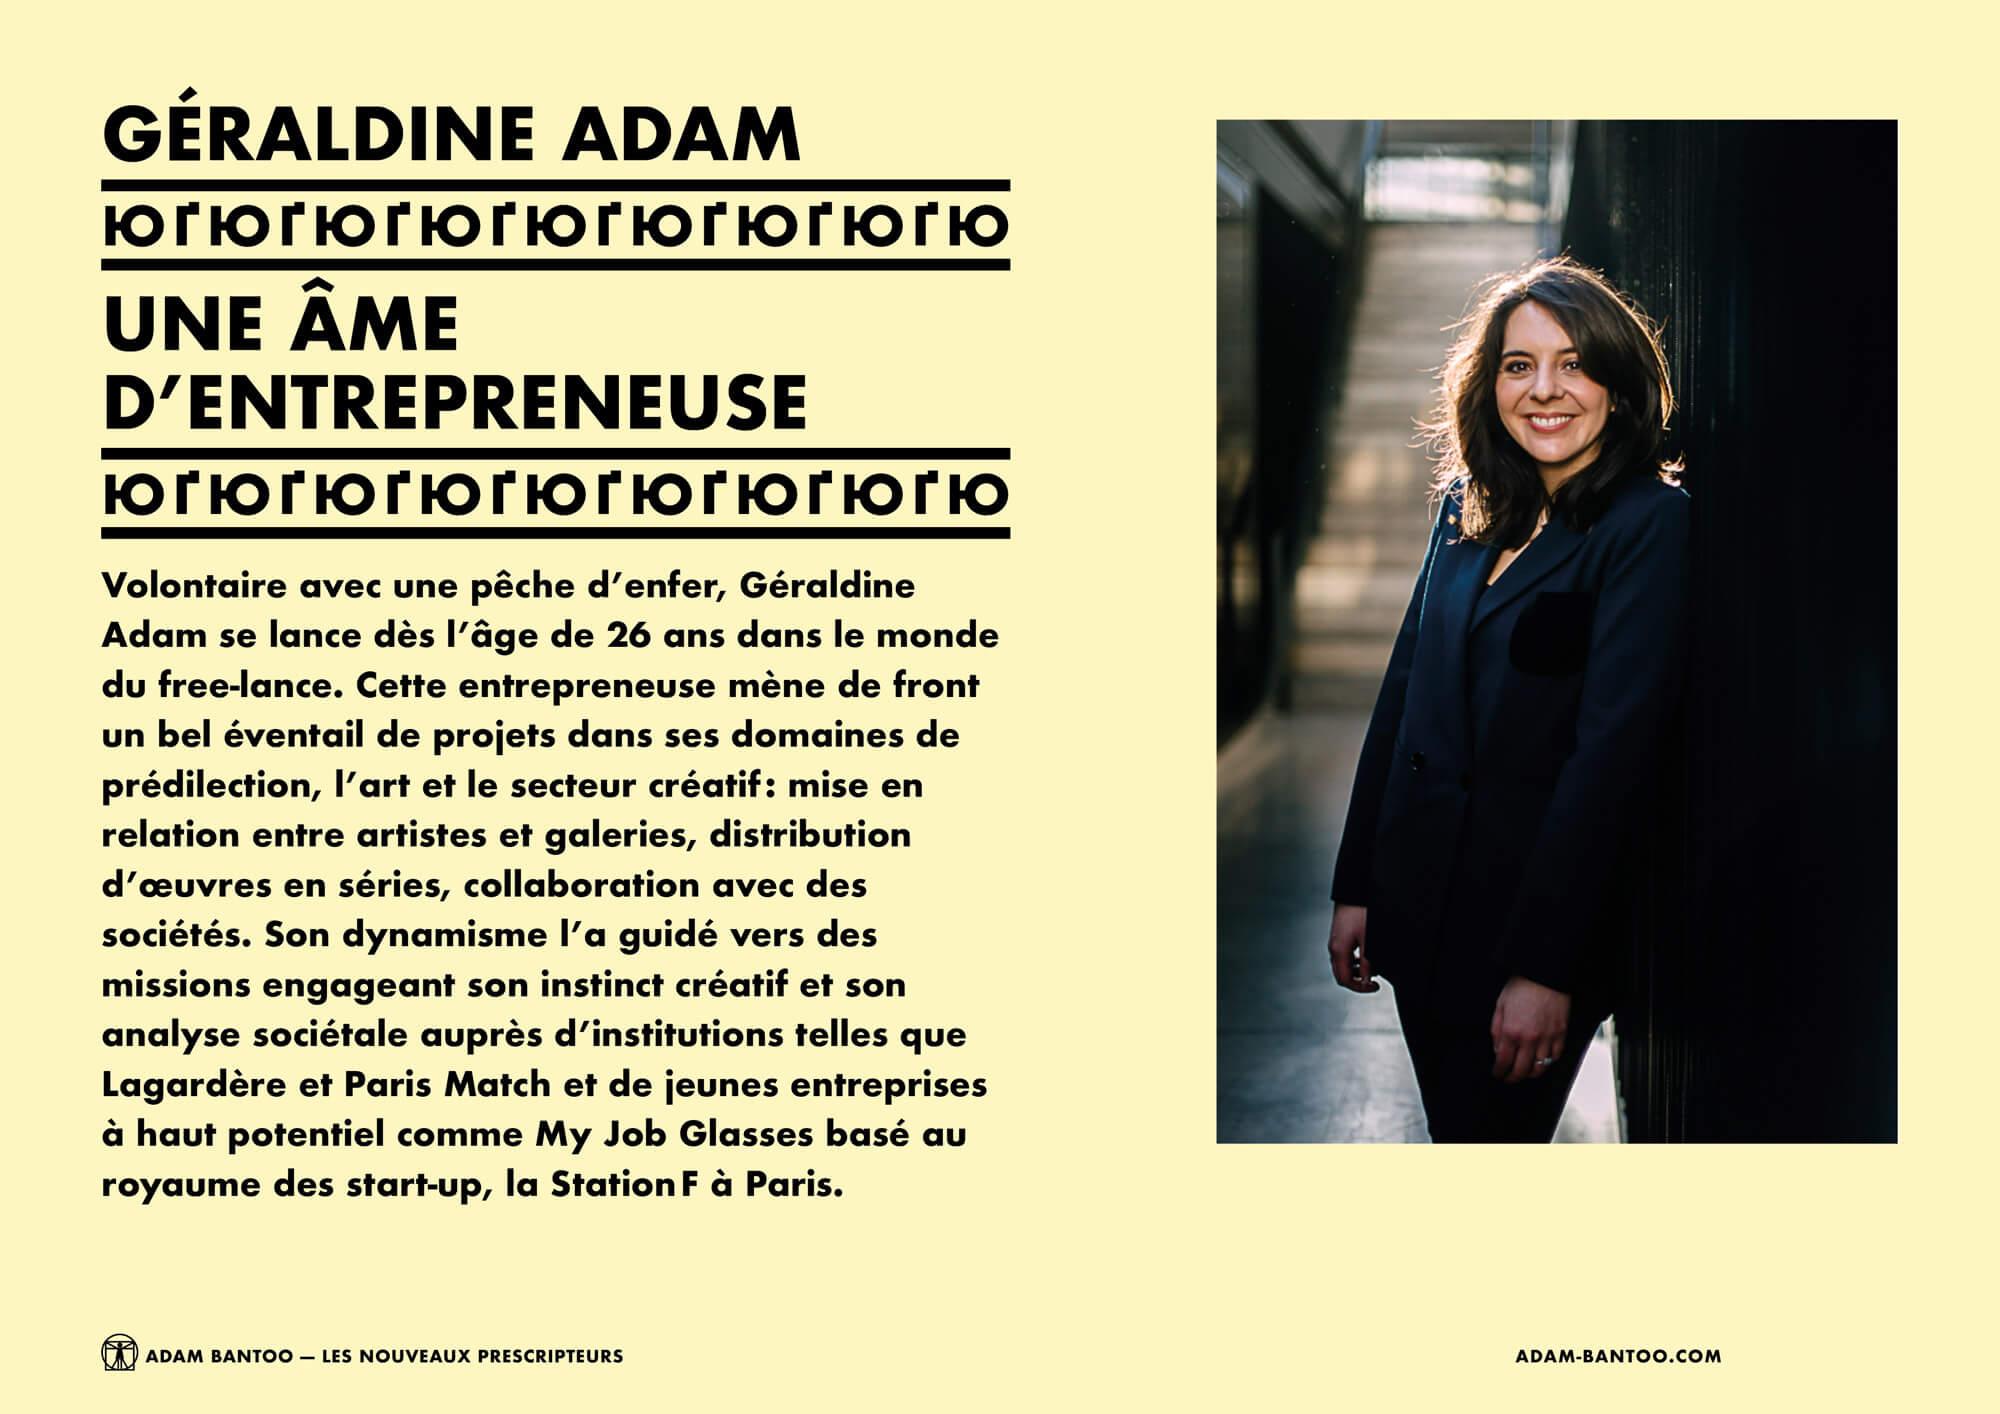 Présentation de Géraldine Adam, co-fondatrice de l'agence Adam Bantoo, maquette et mise en page IchetKar